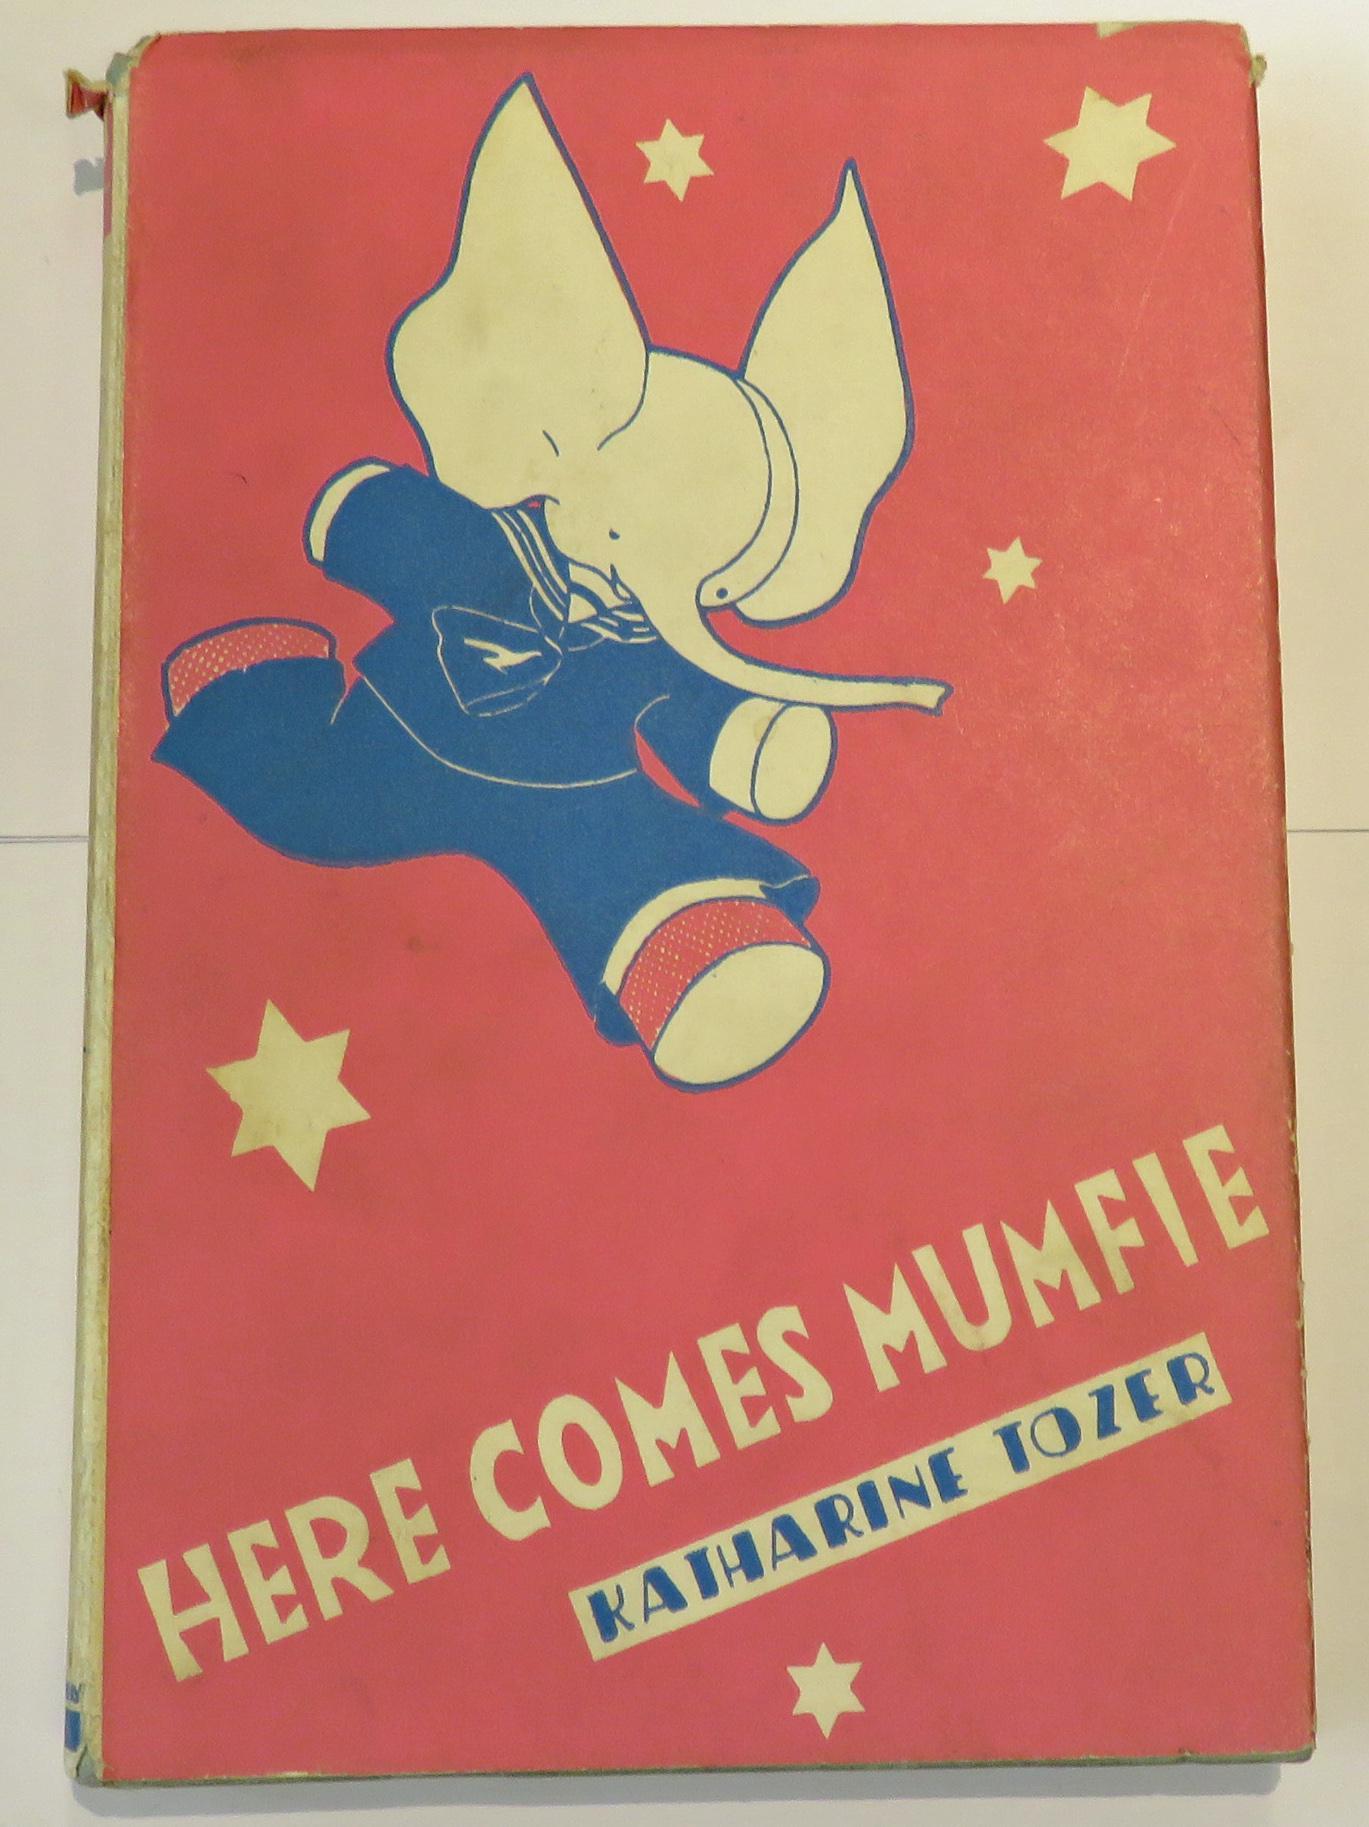 Here Comes Mumfie